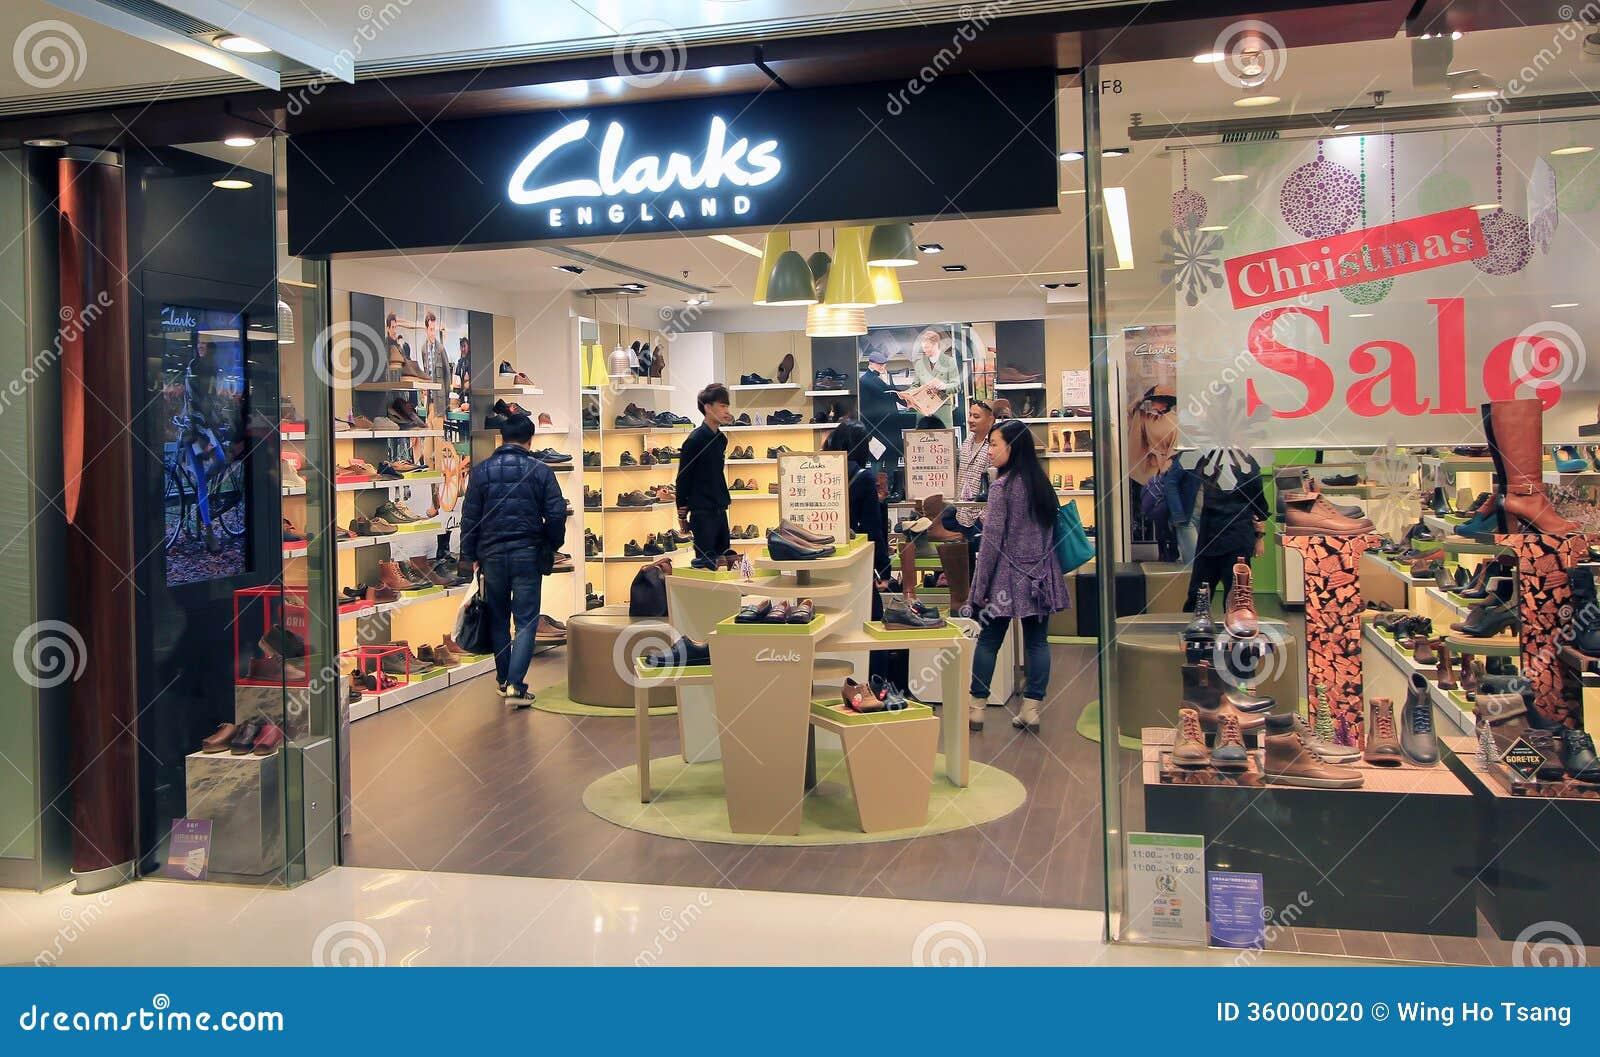 Hong De Kong Du Boutique Clarks En Éditorial Image wqHqZt